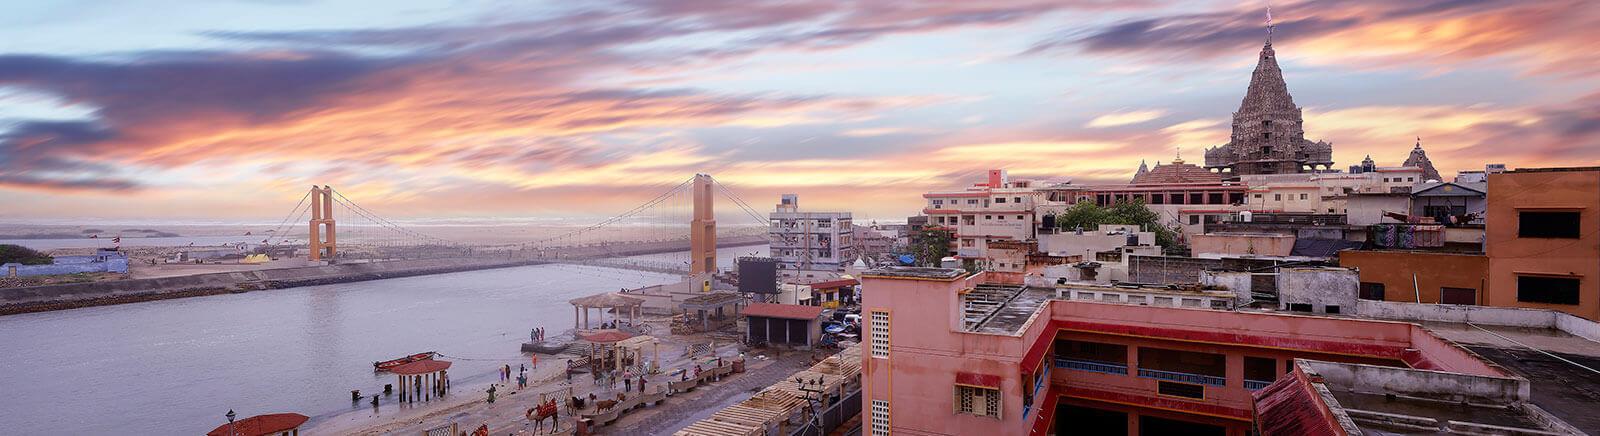 Devbhumi Dwarka, Gujarat